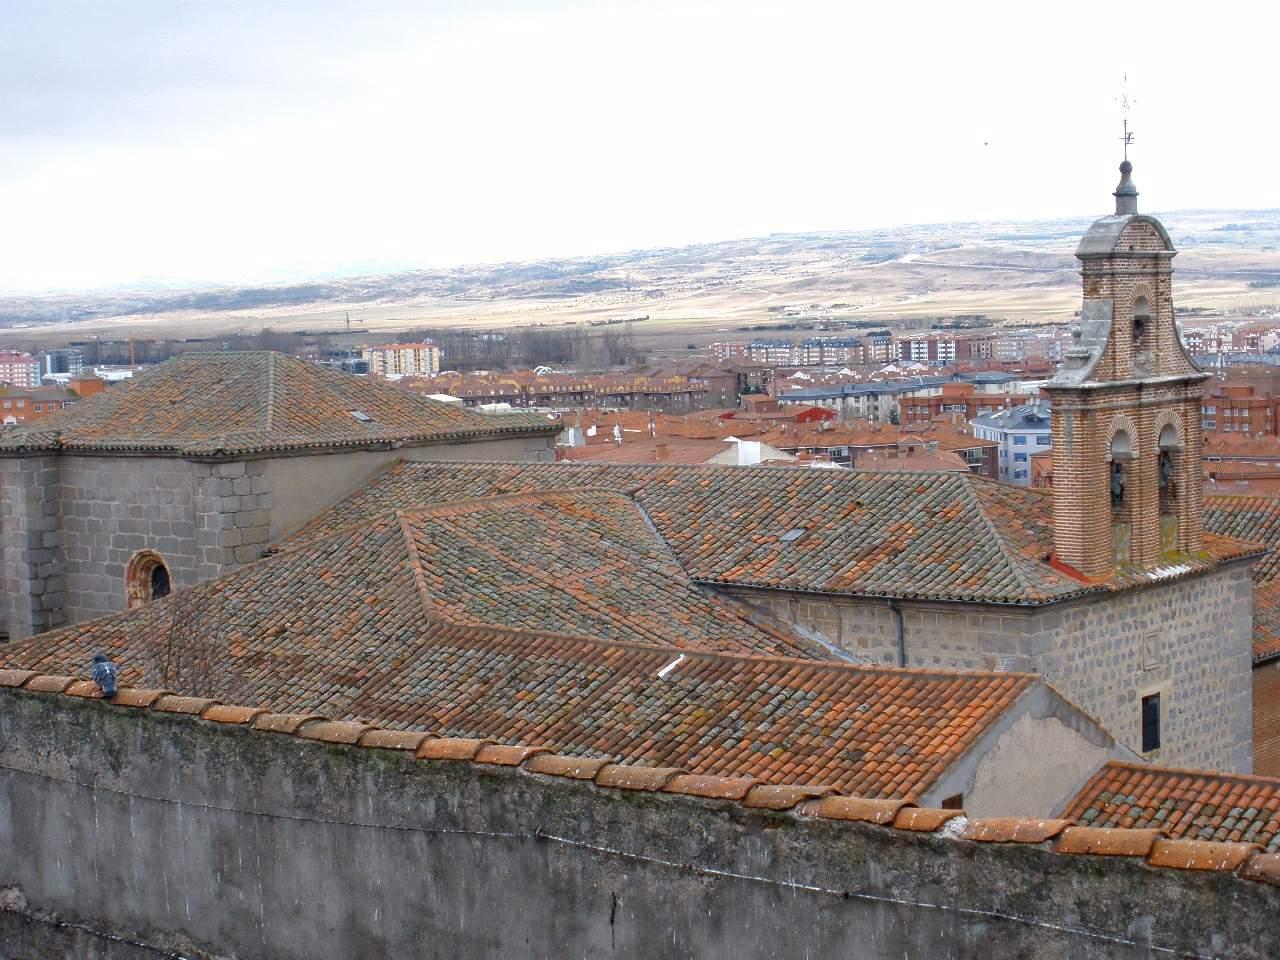 Avila_Augustinian-School_Convento_de_Nuestra_Señora_de_Gracia_Wikimedia Commons